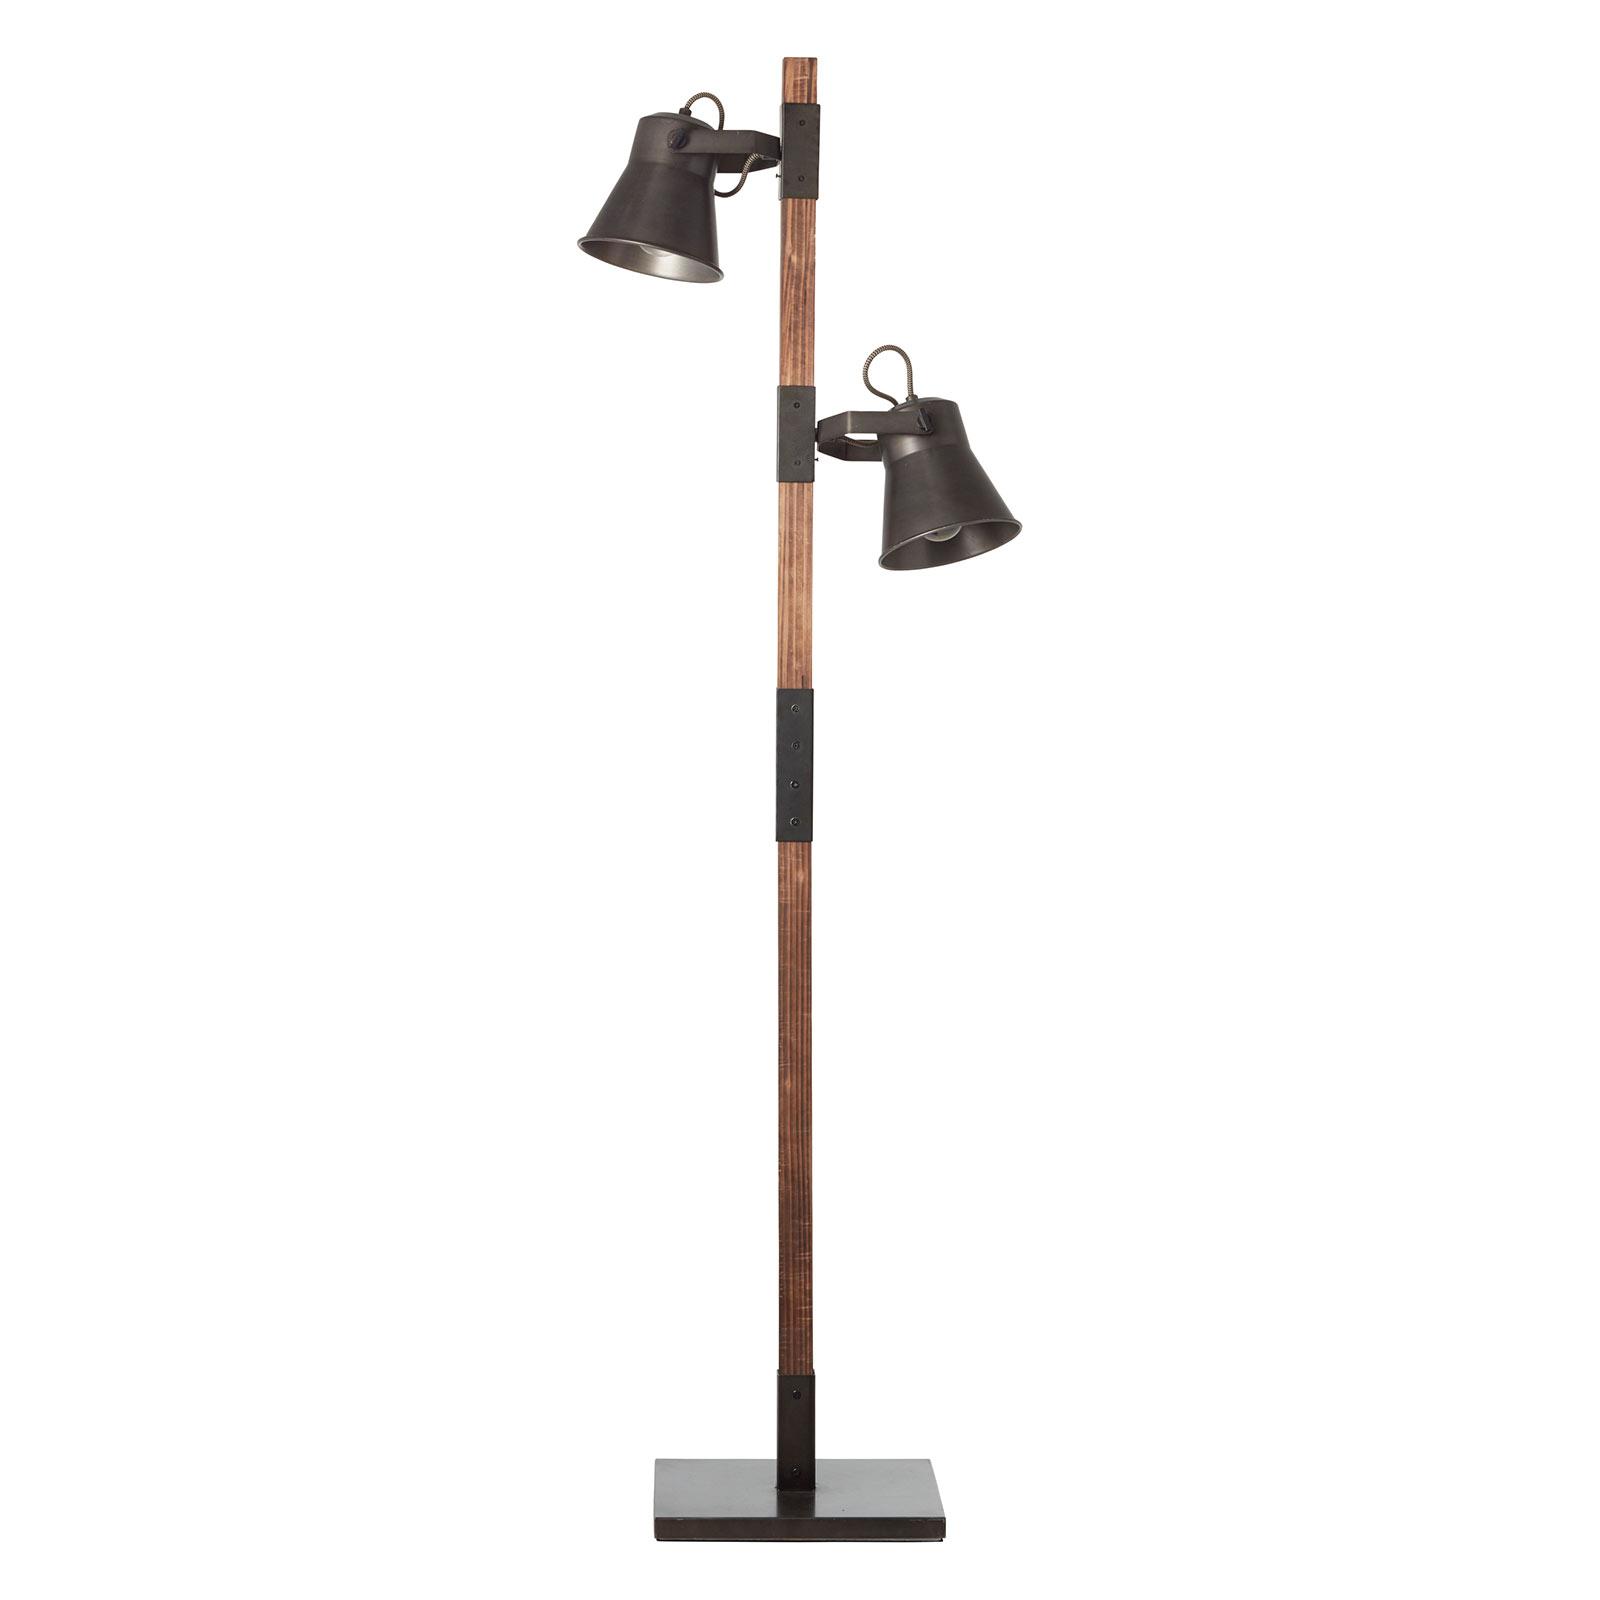 Lampadaire Plow avec 2 spots, noir/bois foncé